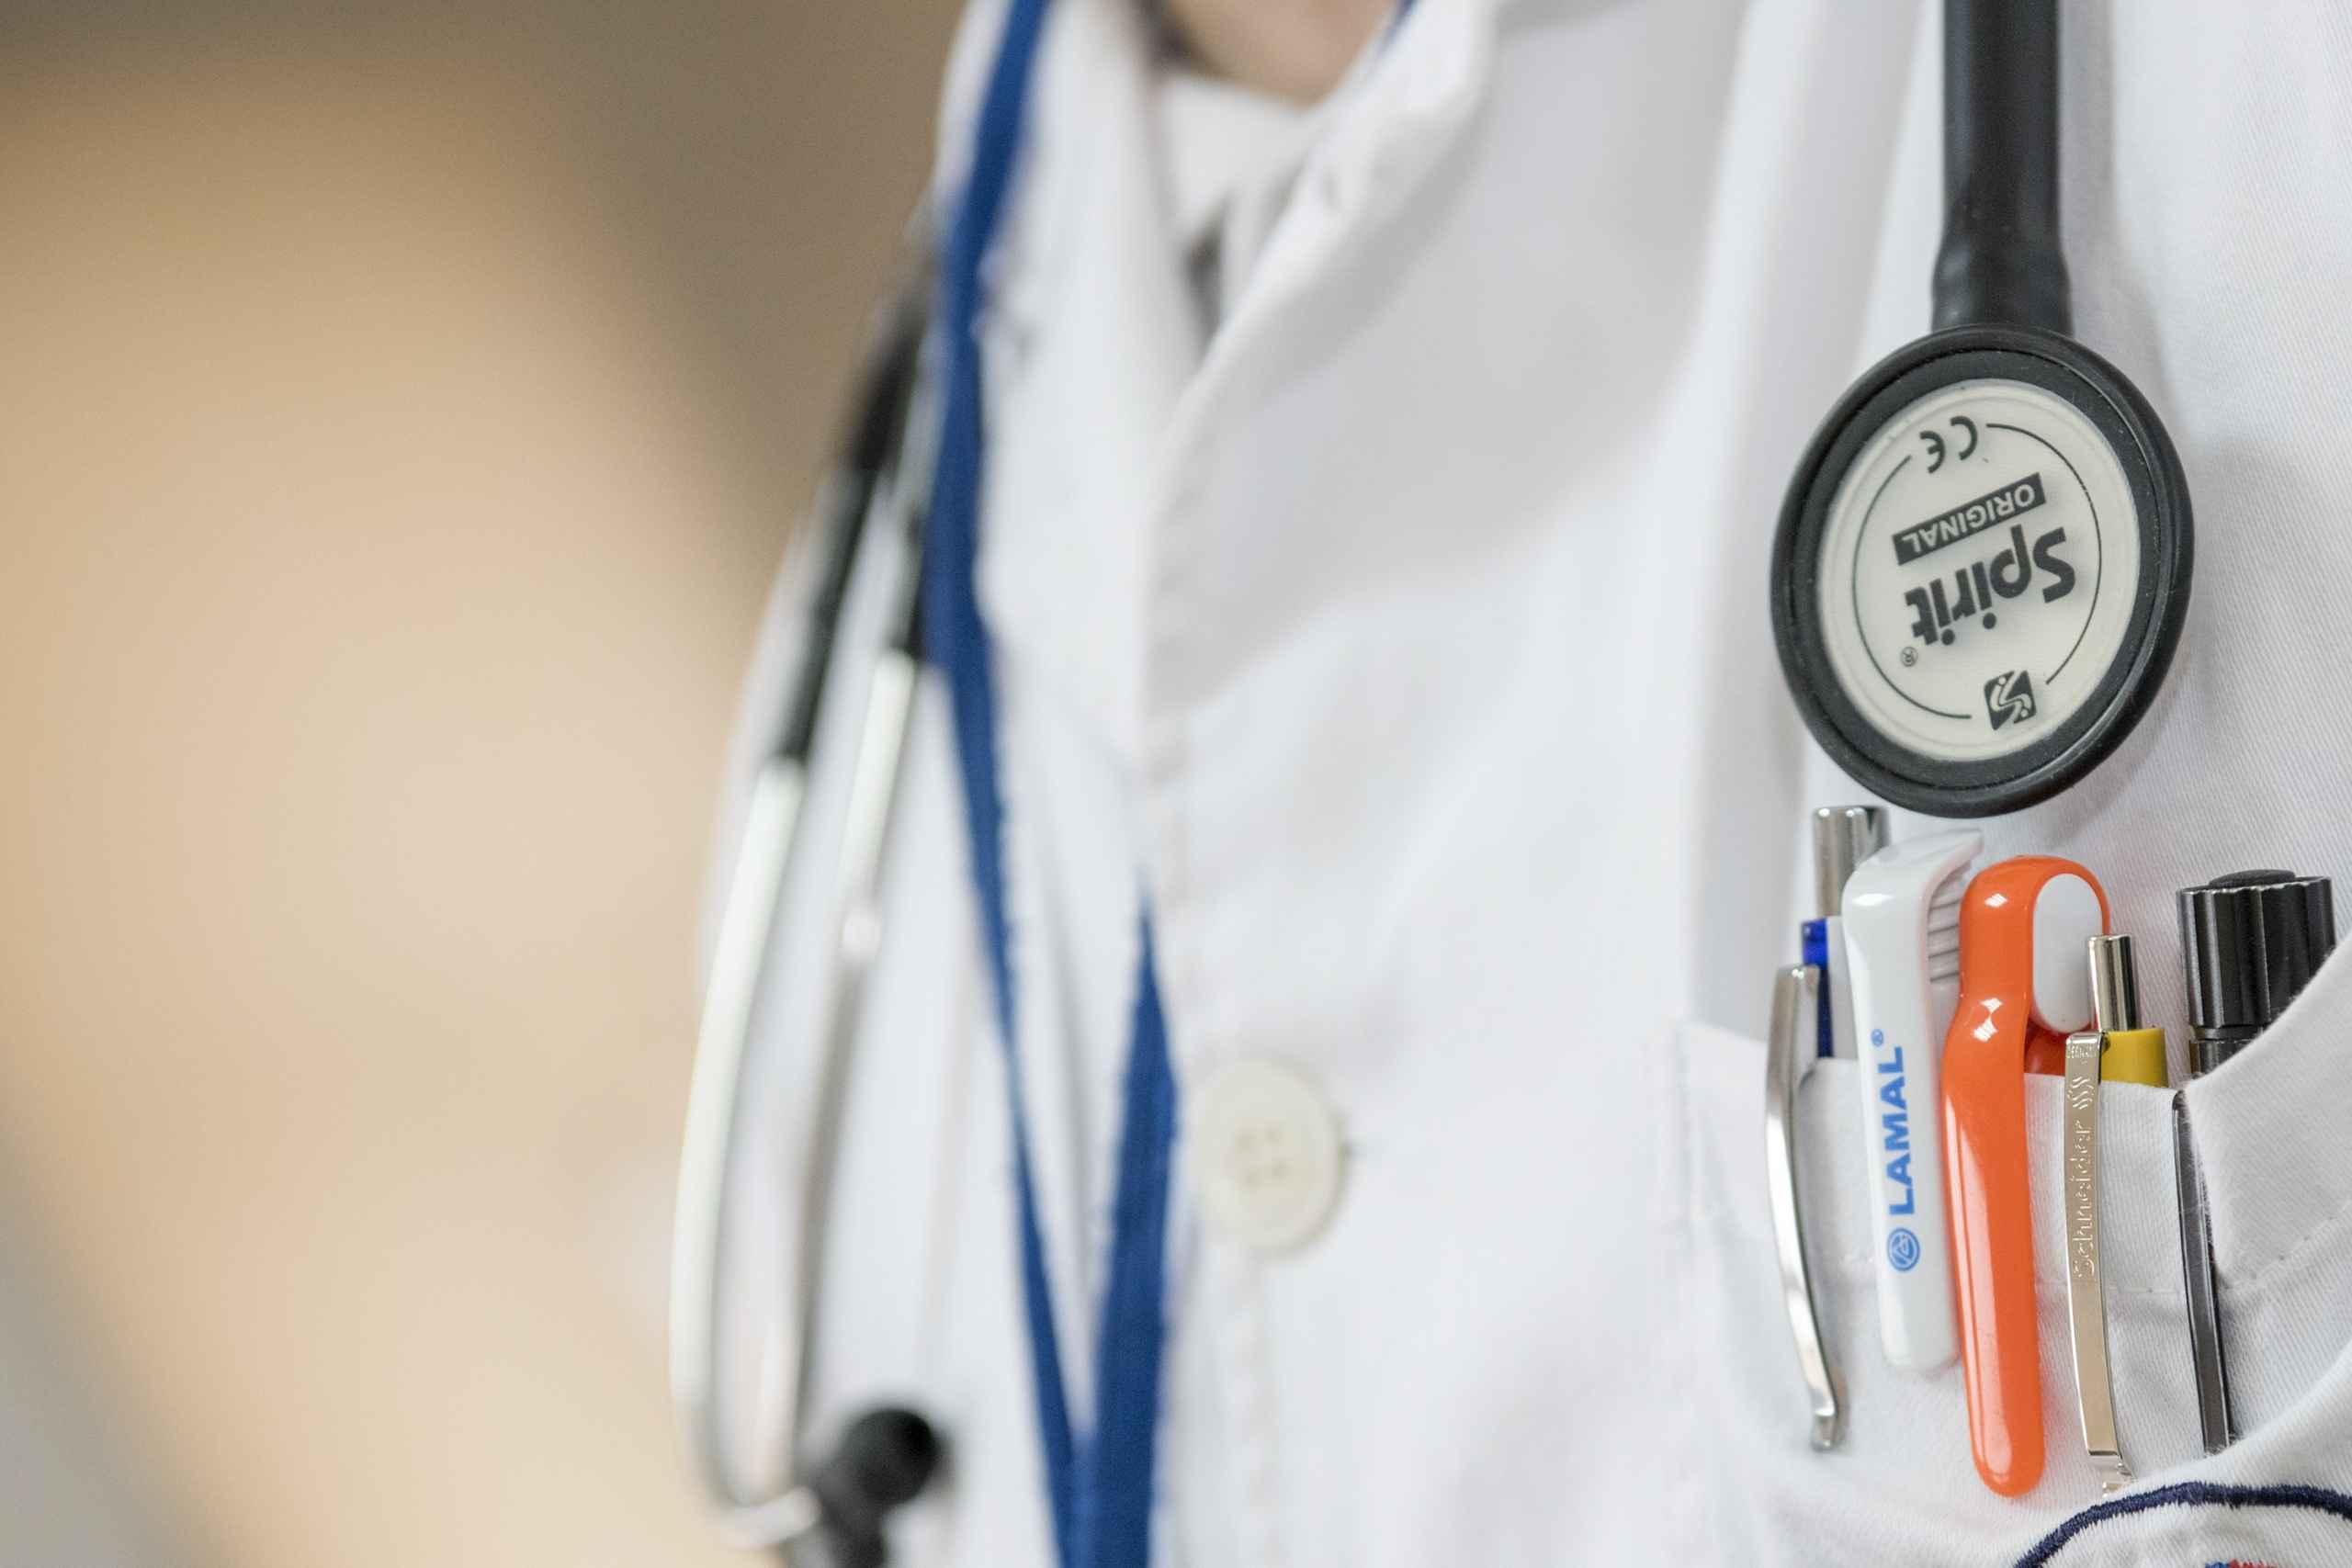 Ce se întâmplă cu serviciile medicale în starea de alertă. Măsuri de ultima oră